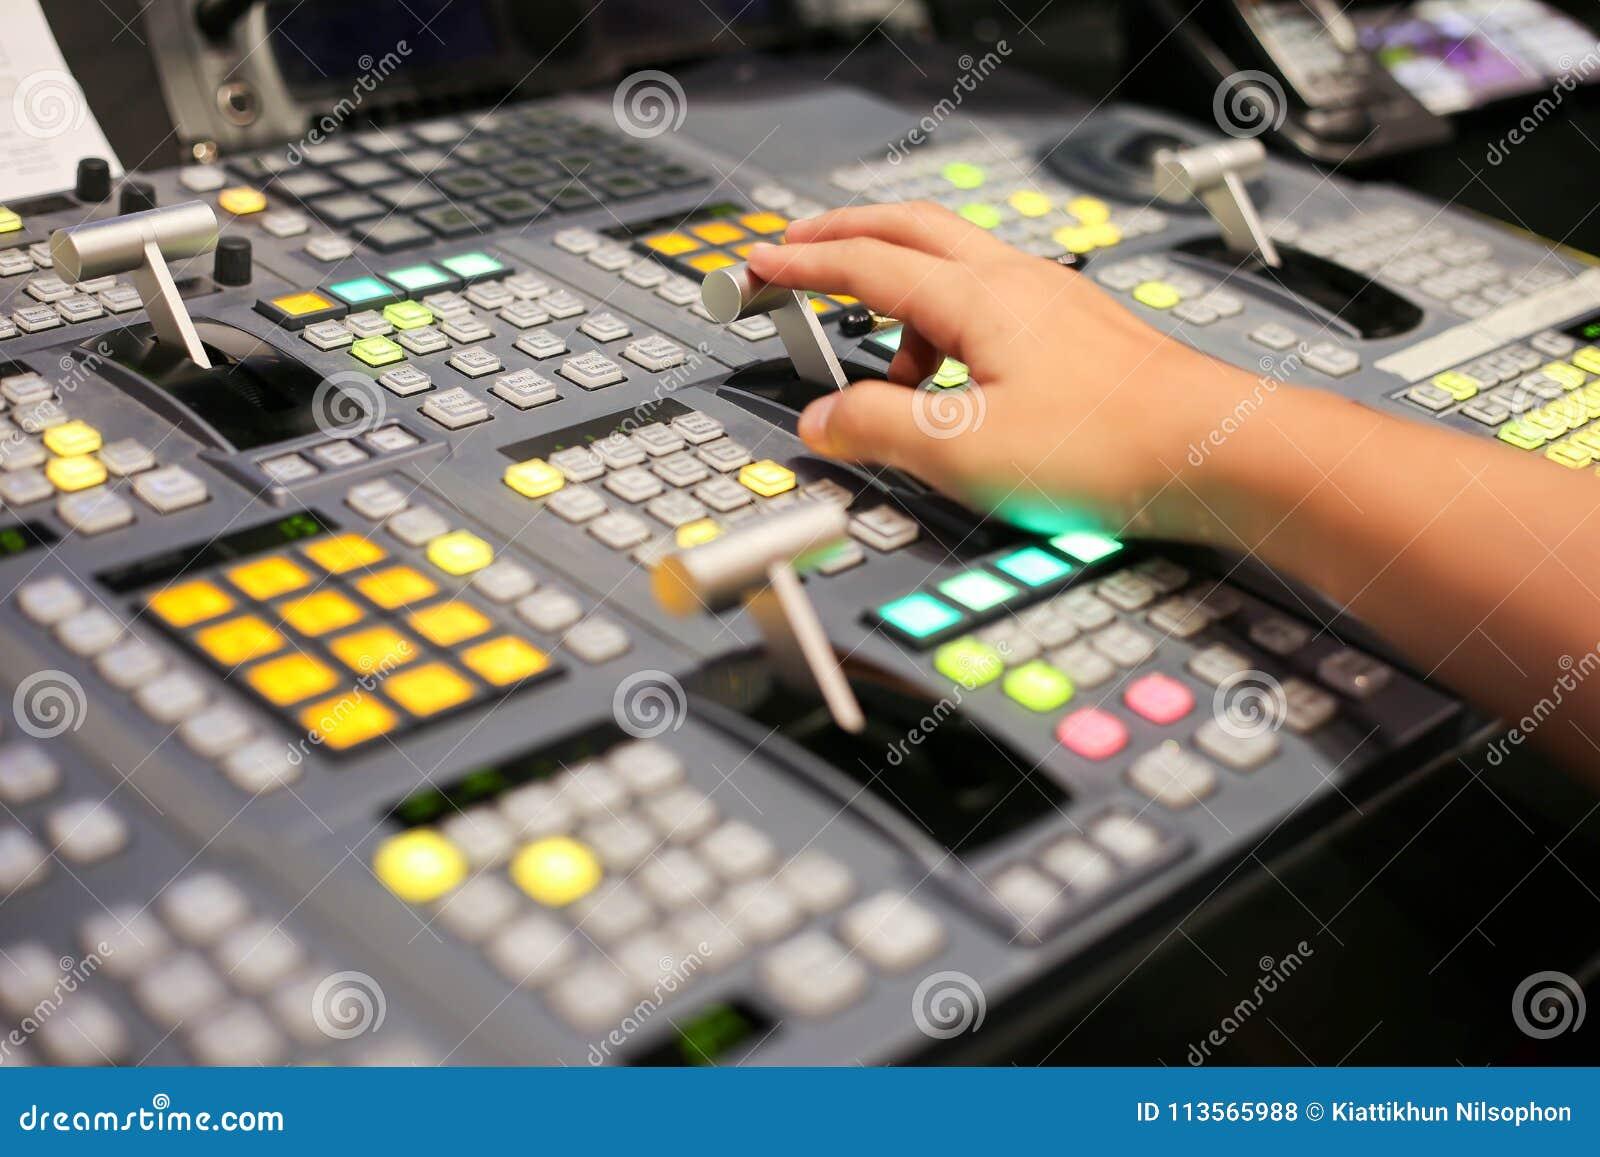 Les mains se dissolvent dessus des boutons de changeur dans la chaîne de télévision de studio, Audi